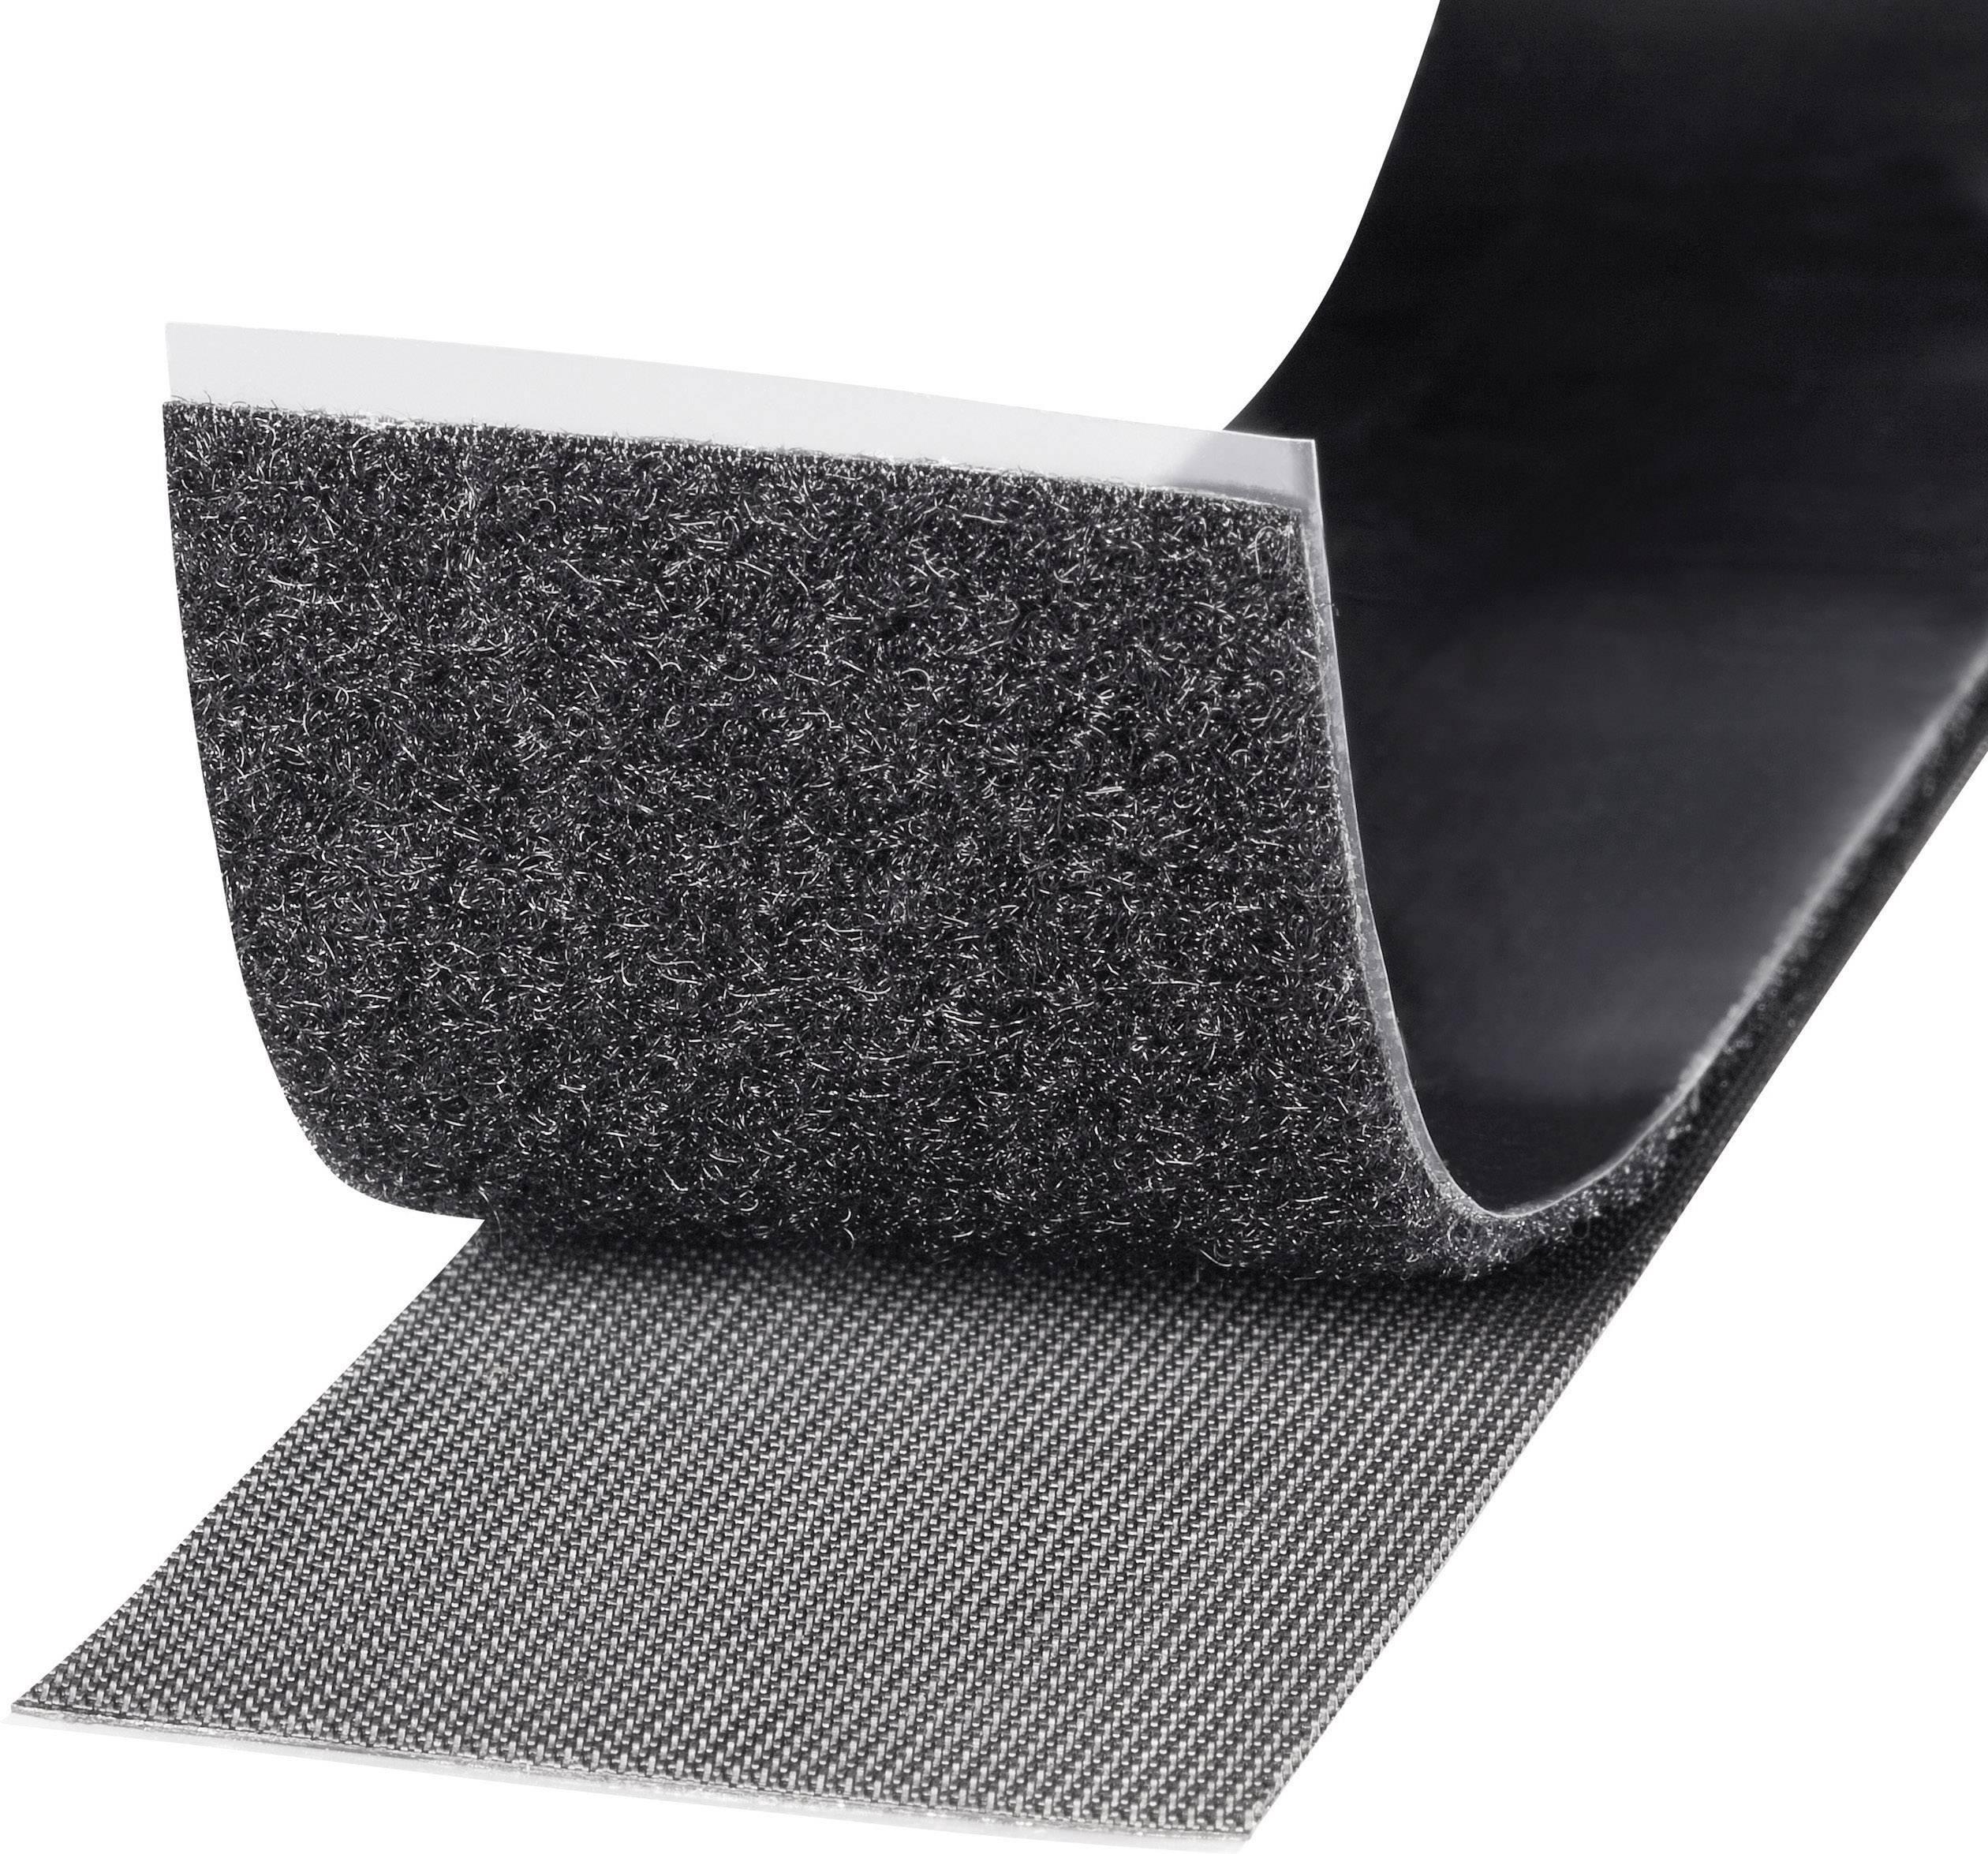 Lepicí pásek se suchým zipem TOOLCRAFT KL50X1000C KL50X1000C, (d x š) 1000 mm x 50 mm, černá, 1 role